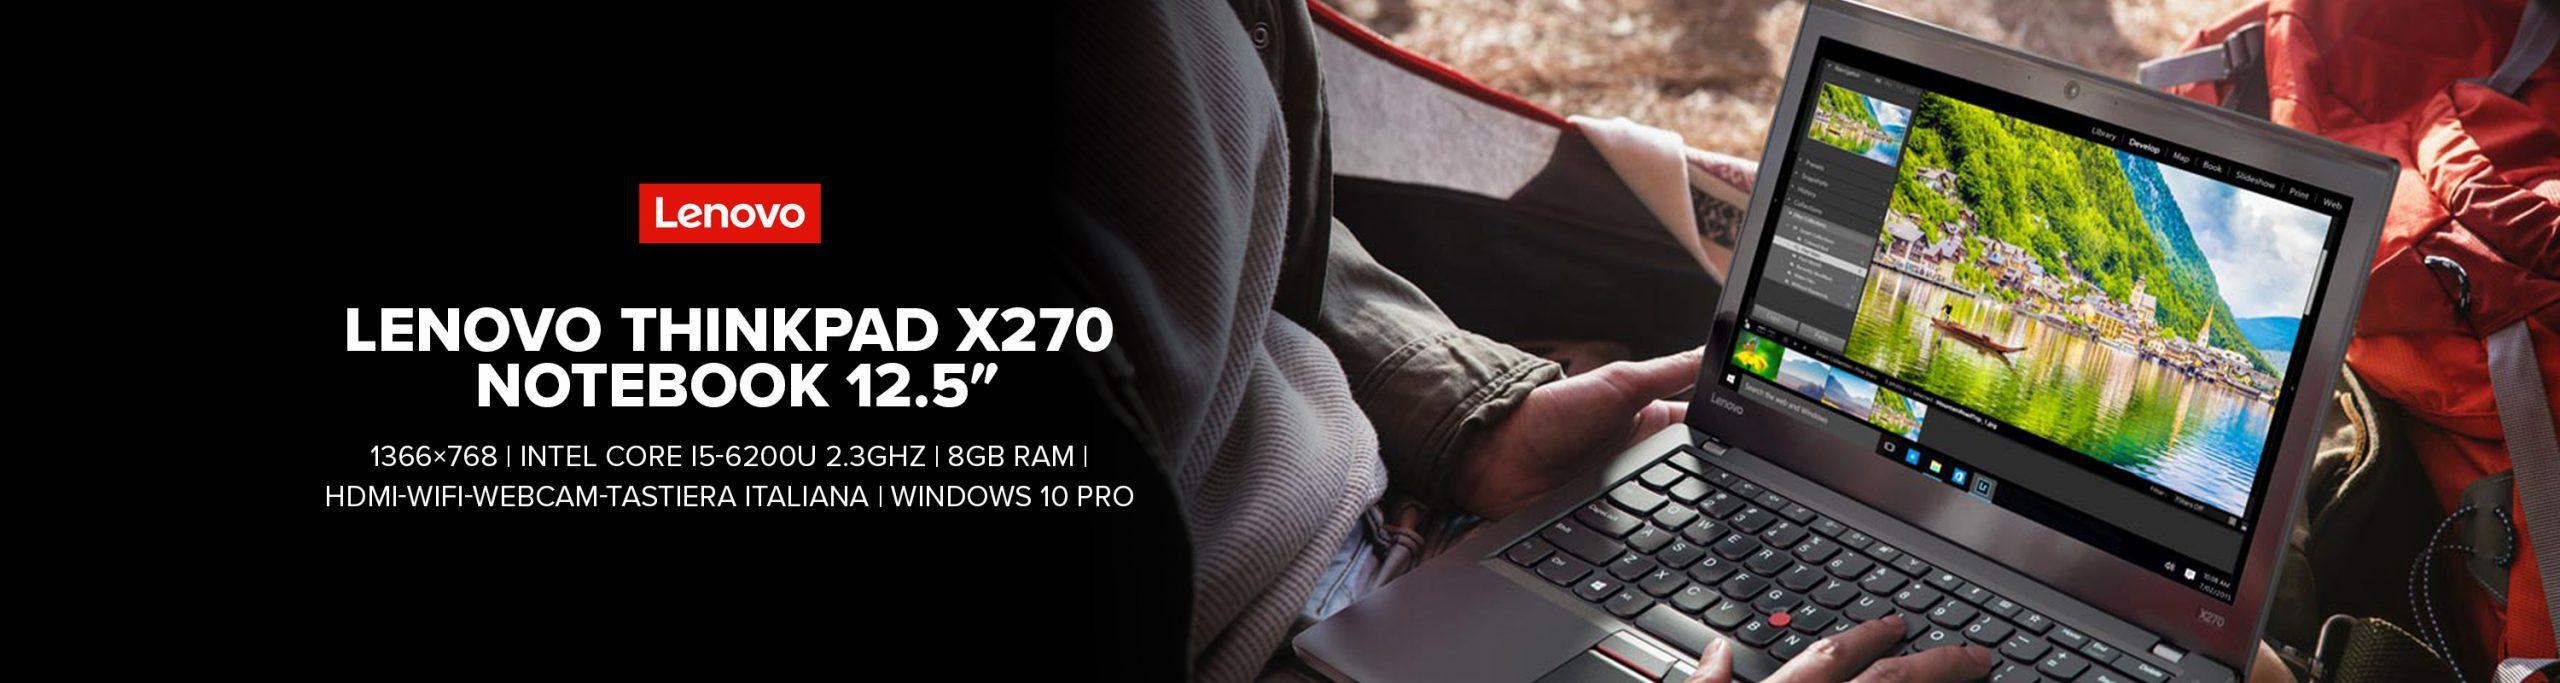 Lenovo ThinkPad X270